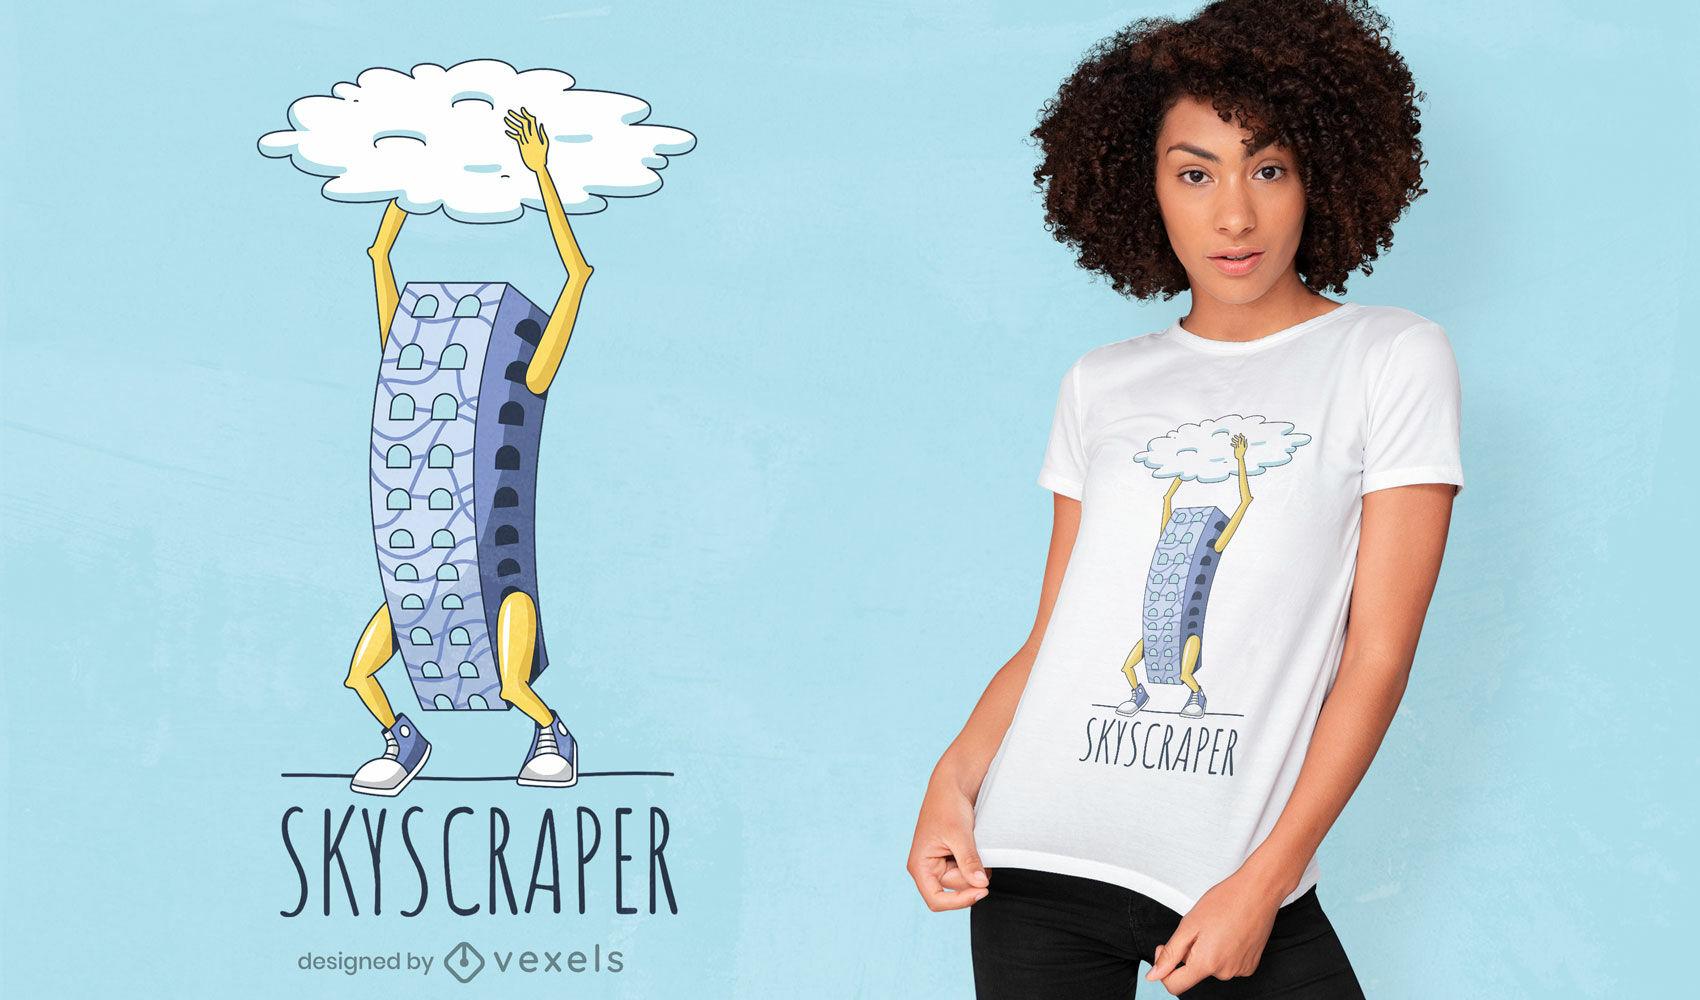 Divertido diseño de camiseta de rascacielos.